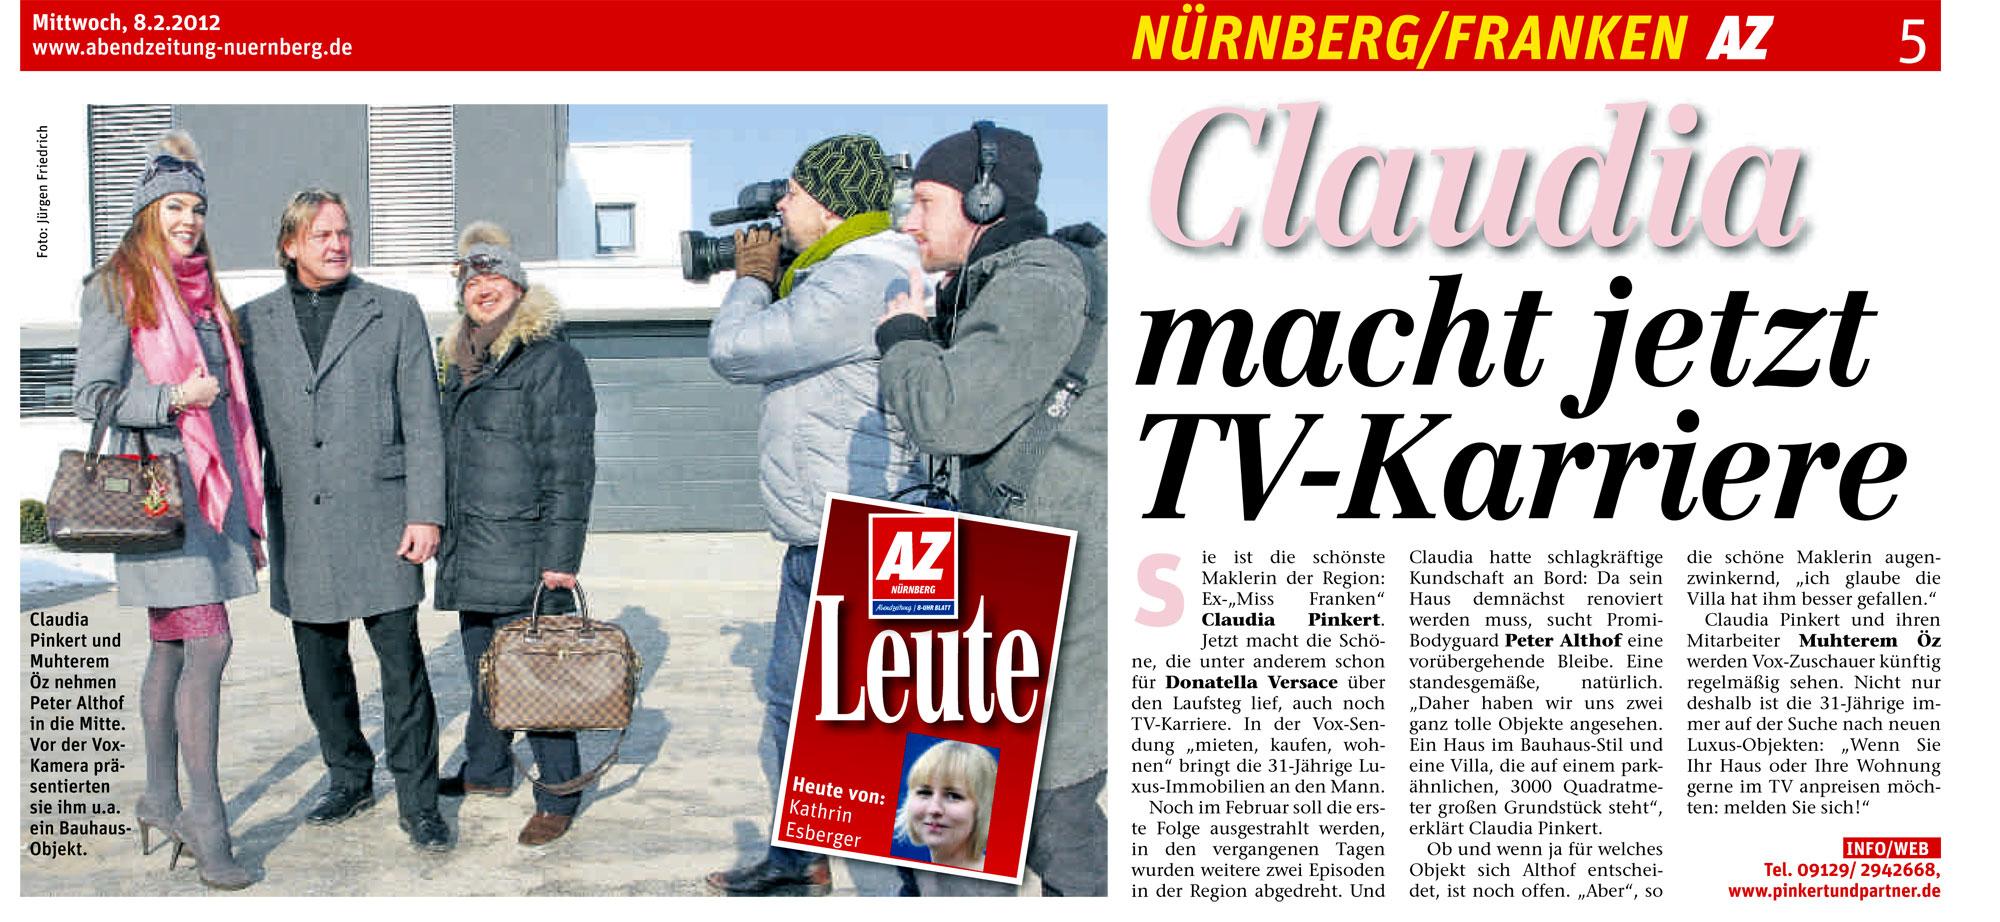 Claudia Pinkert: Mieten, kaufen, wohnen - TEIL 3